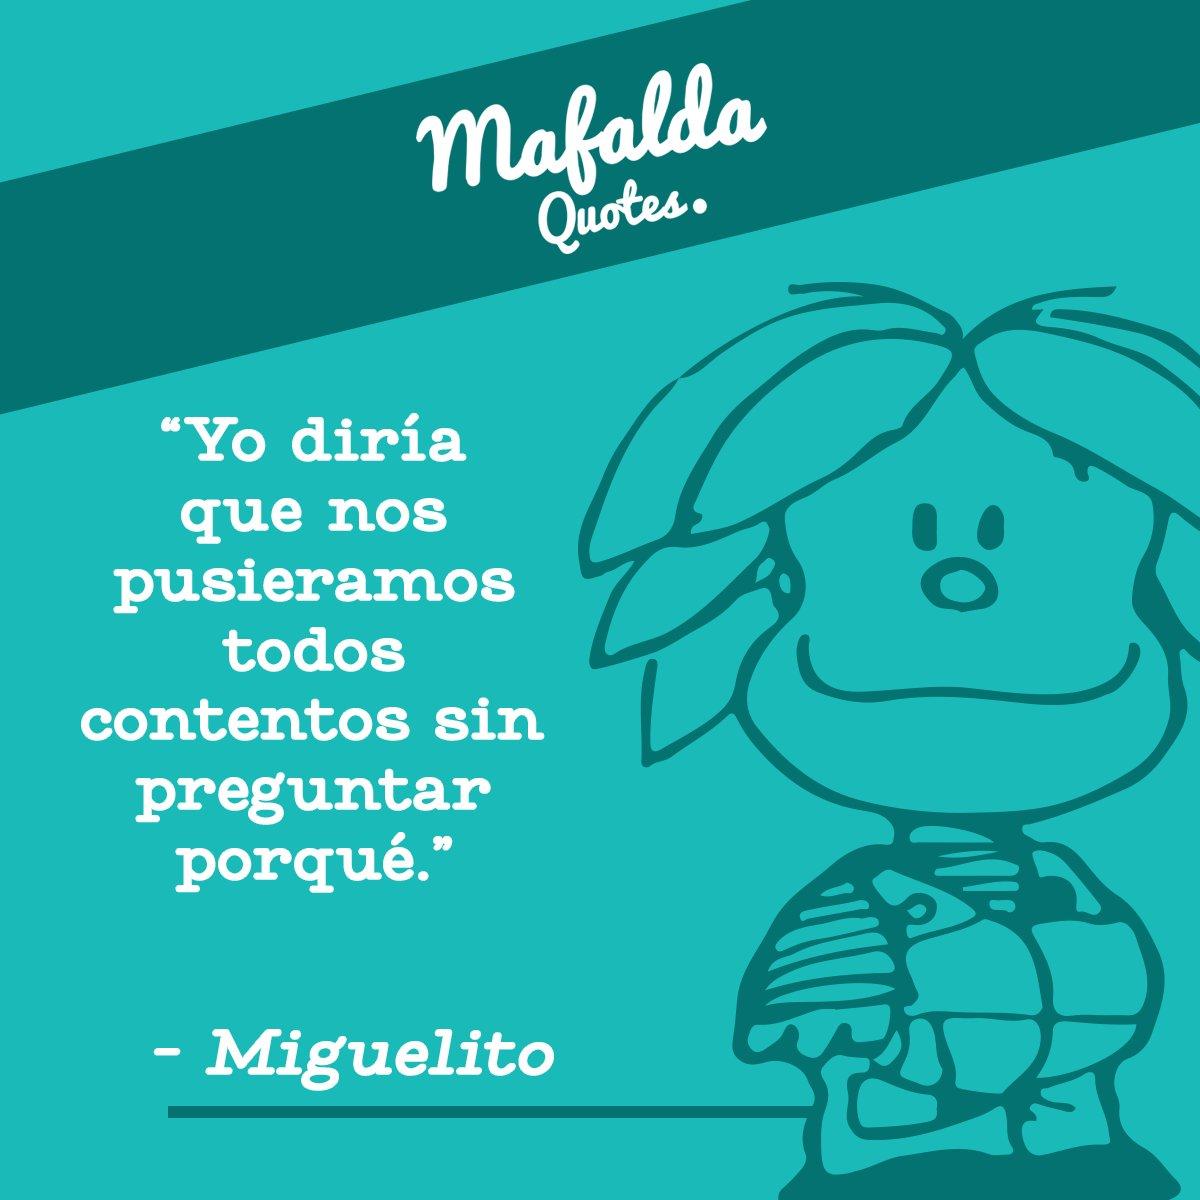 Si Miguelito lo dice, nosotros lo hacemos. #Quotes #MiguelitoQuotes #Quino #Mafalda https://t.co/2Scmz7dqnB